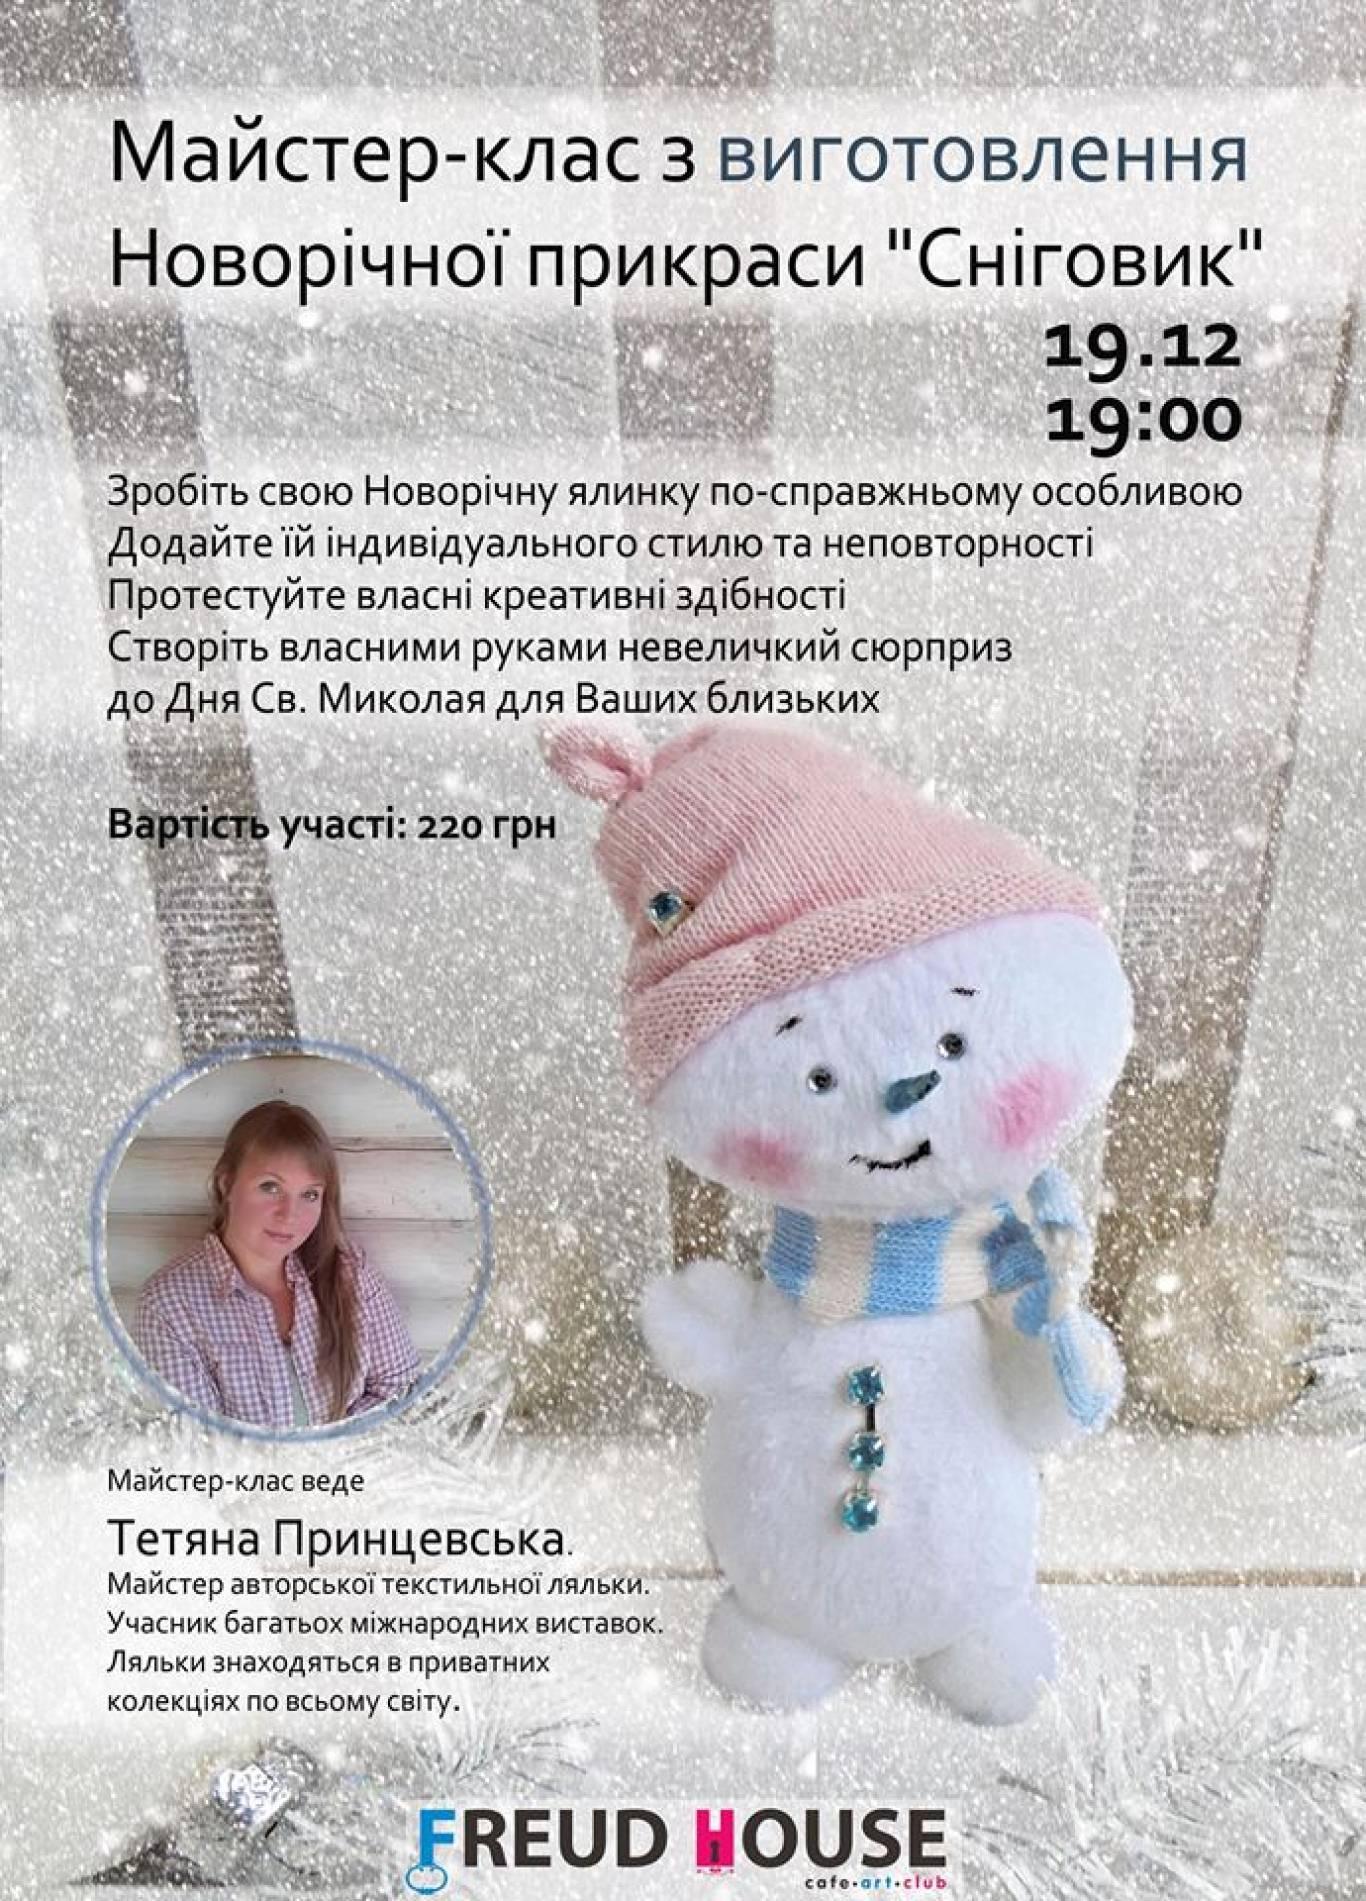 """Майстер-клас з виготовлення Новорічної прикраси """"Сніговик"""""""